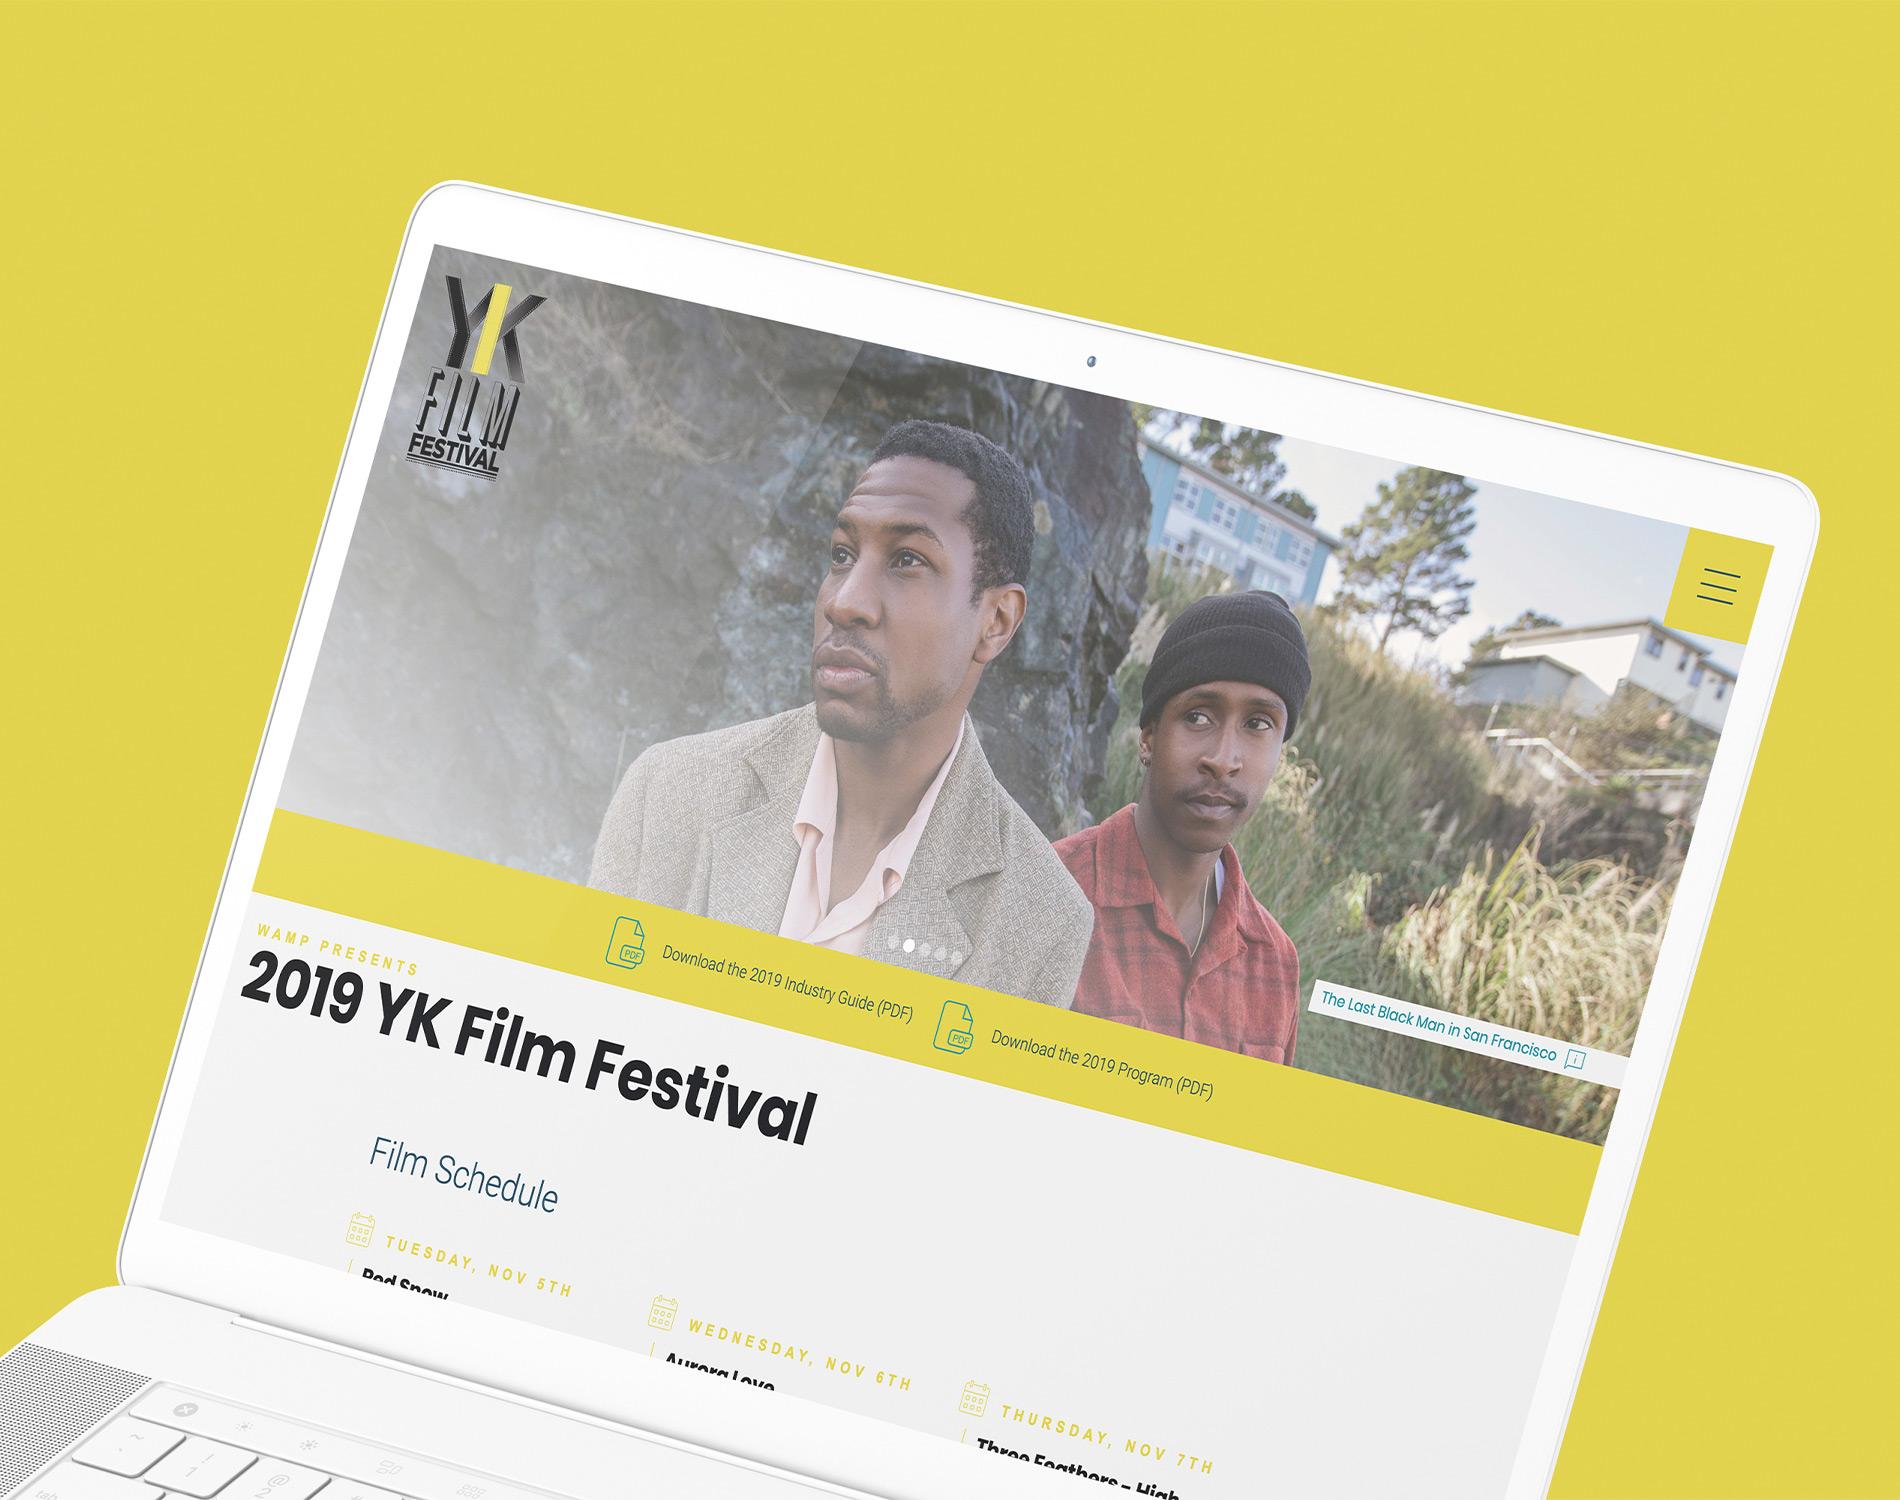 Sample image of website design showing desktop and mobile versions for YK Film Festival